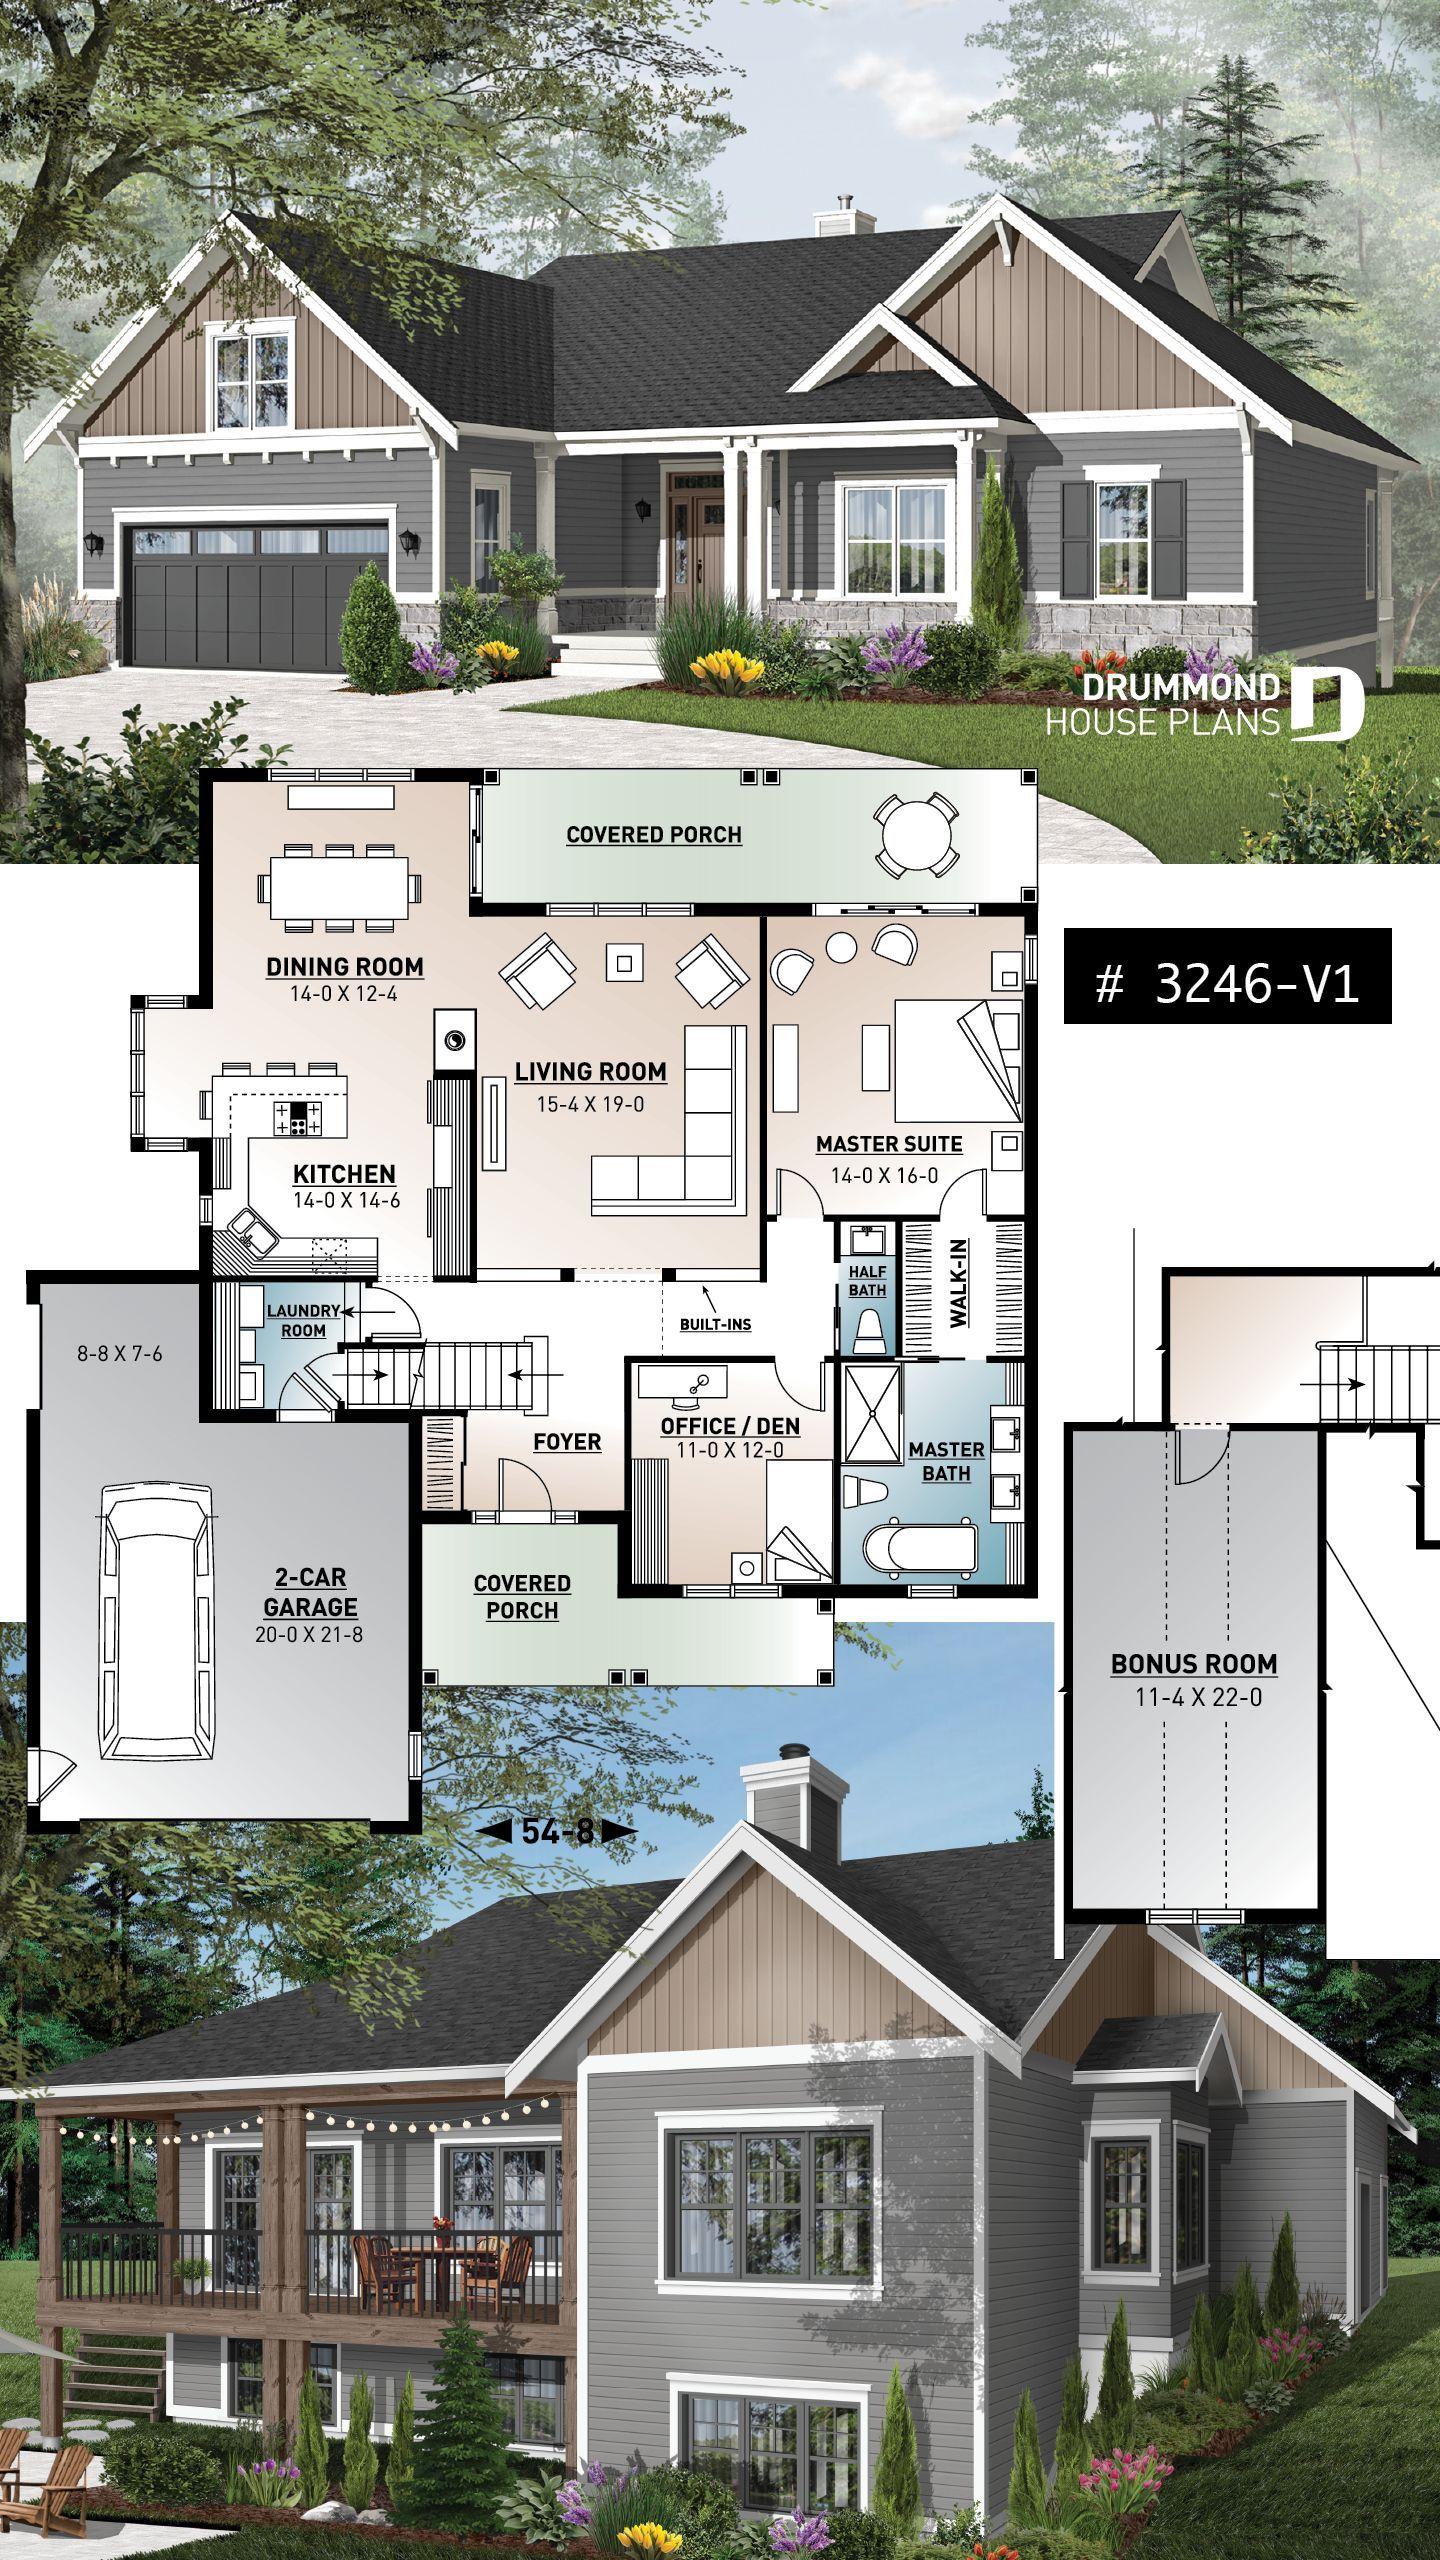 Open Floor House Plans With Walkout Basement In 2020 Bungalow House Plans Craftsman House Plans House Plans Farmhouse